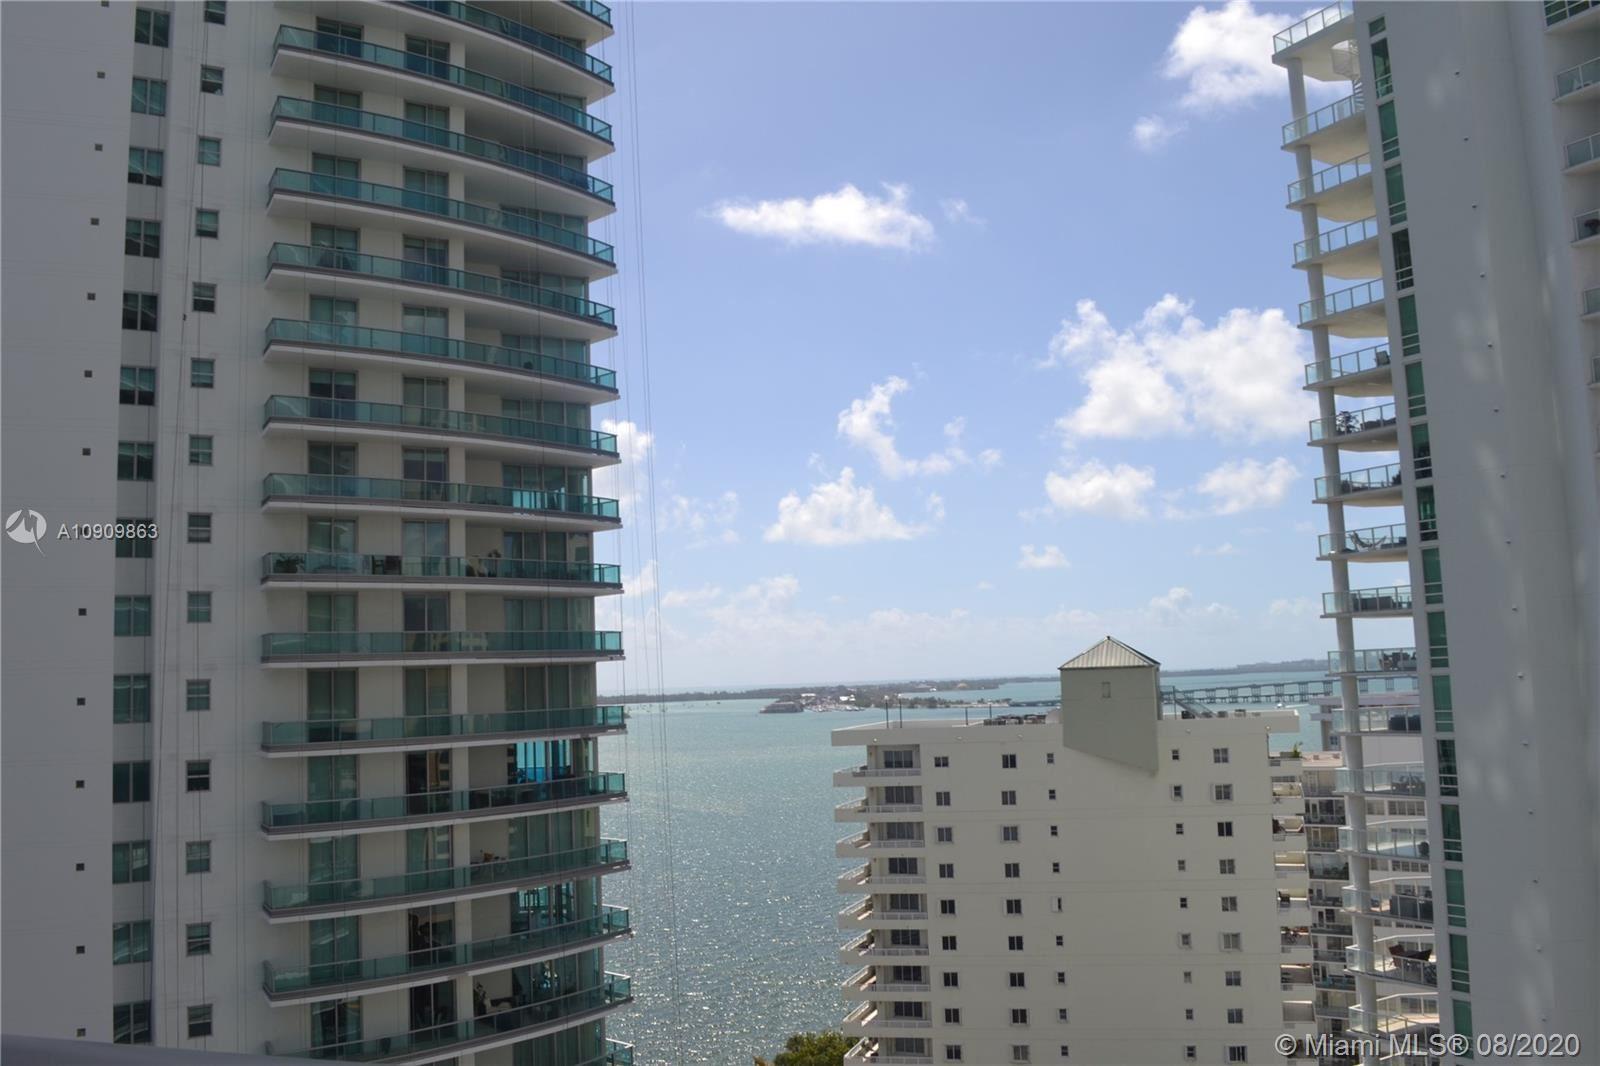 1300 Brickell Bay Dr #1708, Miami, FL 33131 - #: A10909863